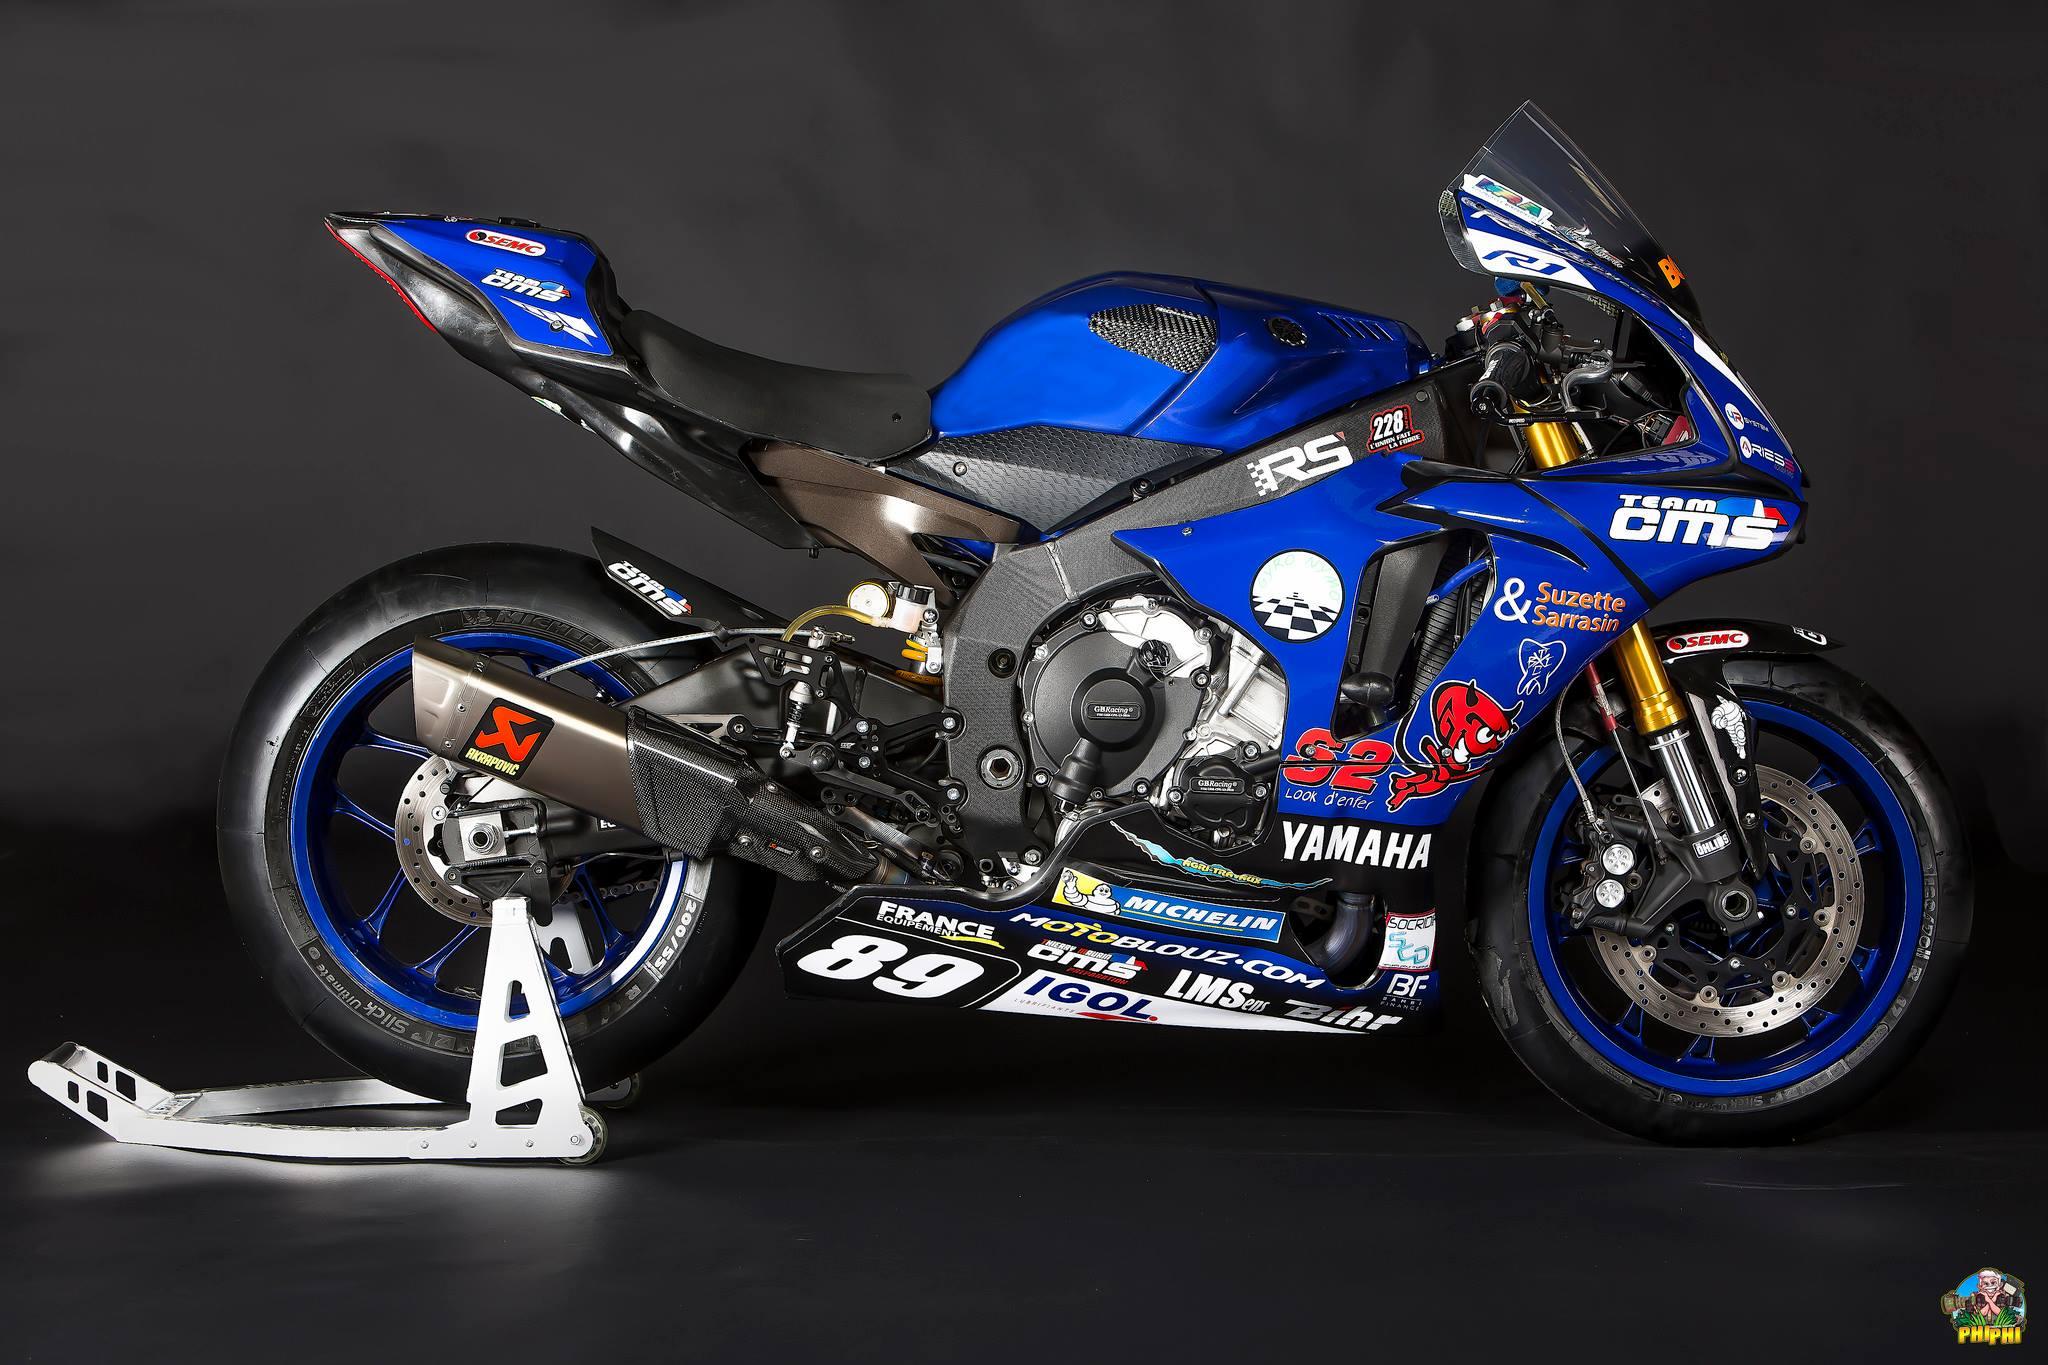 Superbike : Comment le team CMS transfigure la R1 d'Axel ... Yamaha Superbike 2017